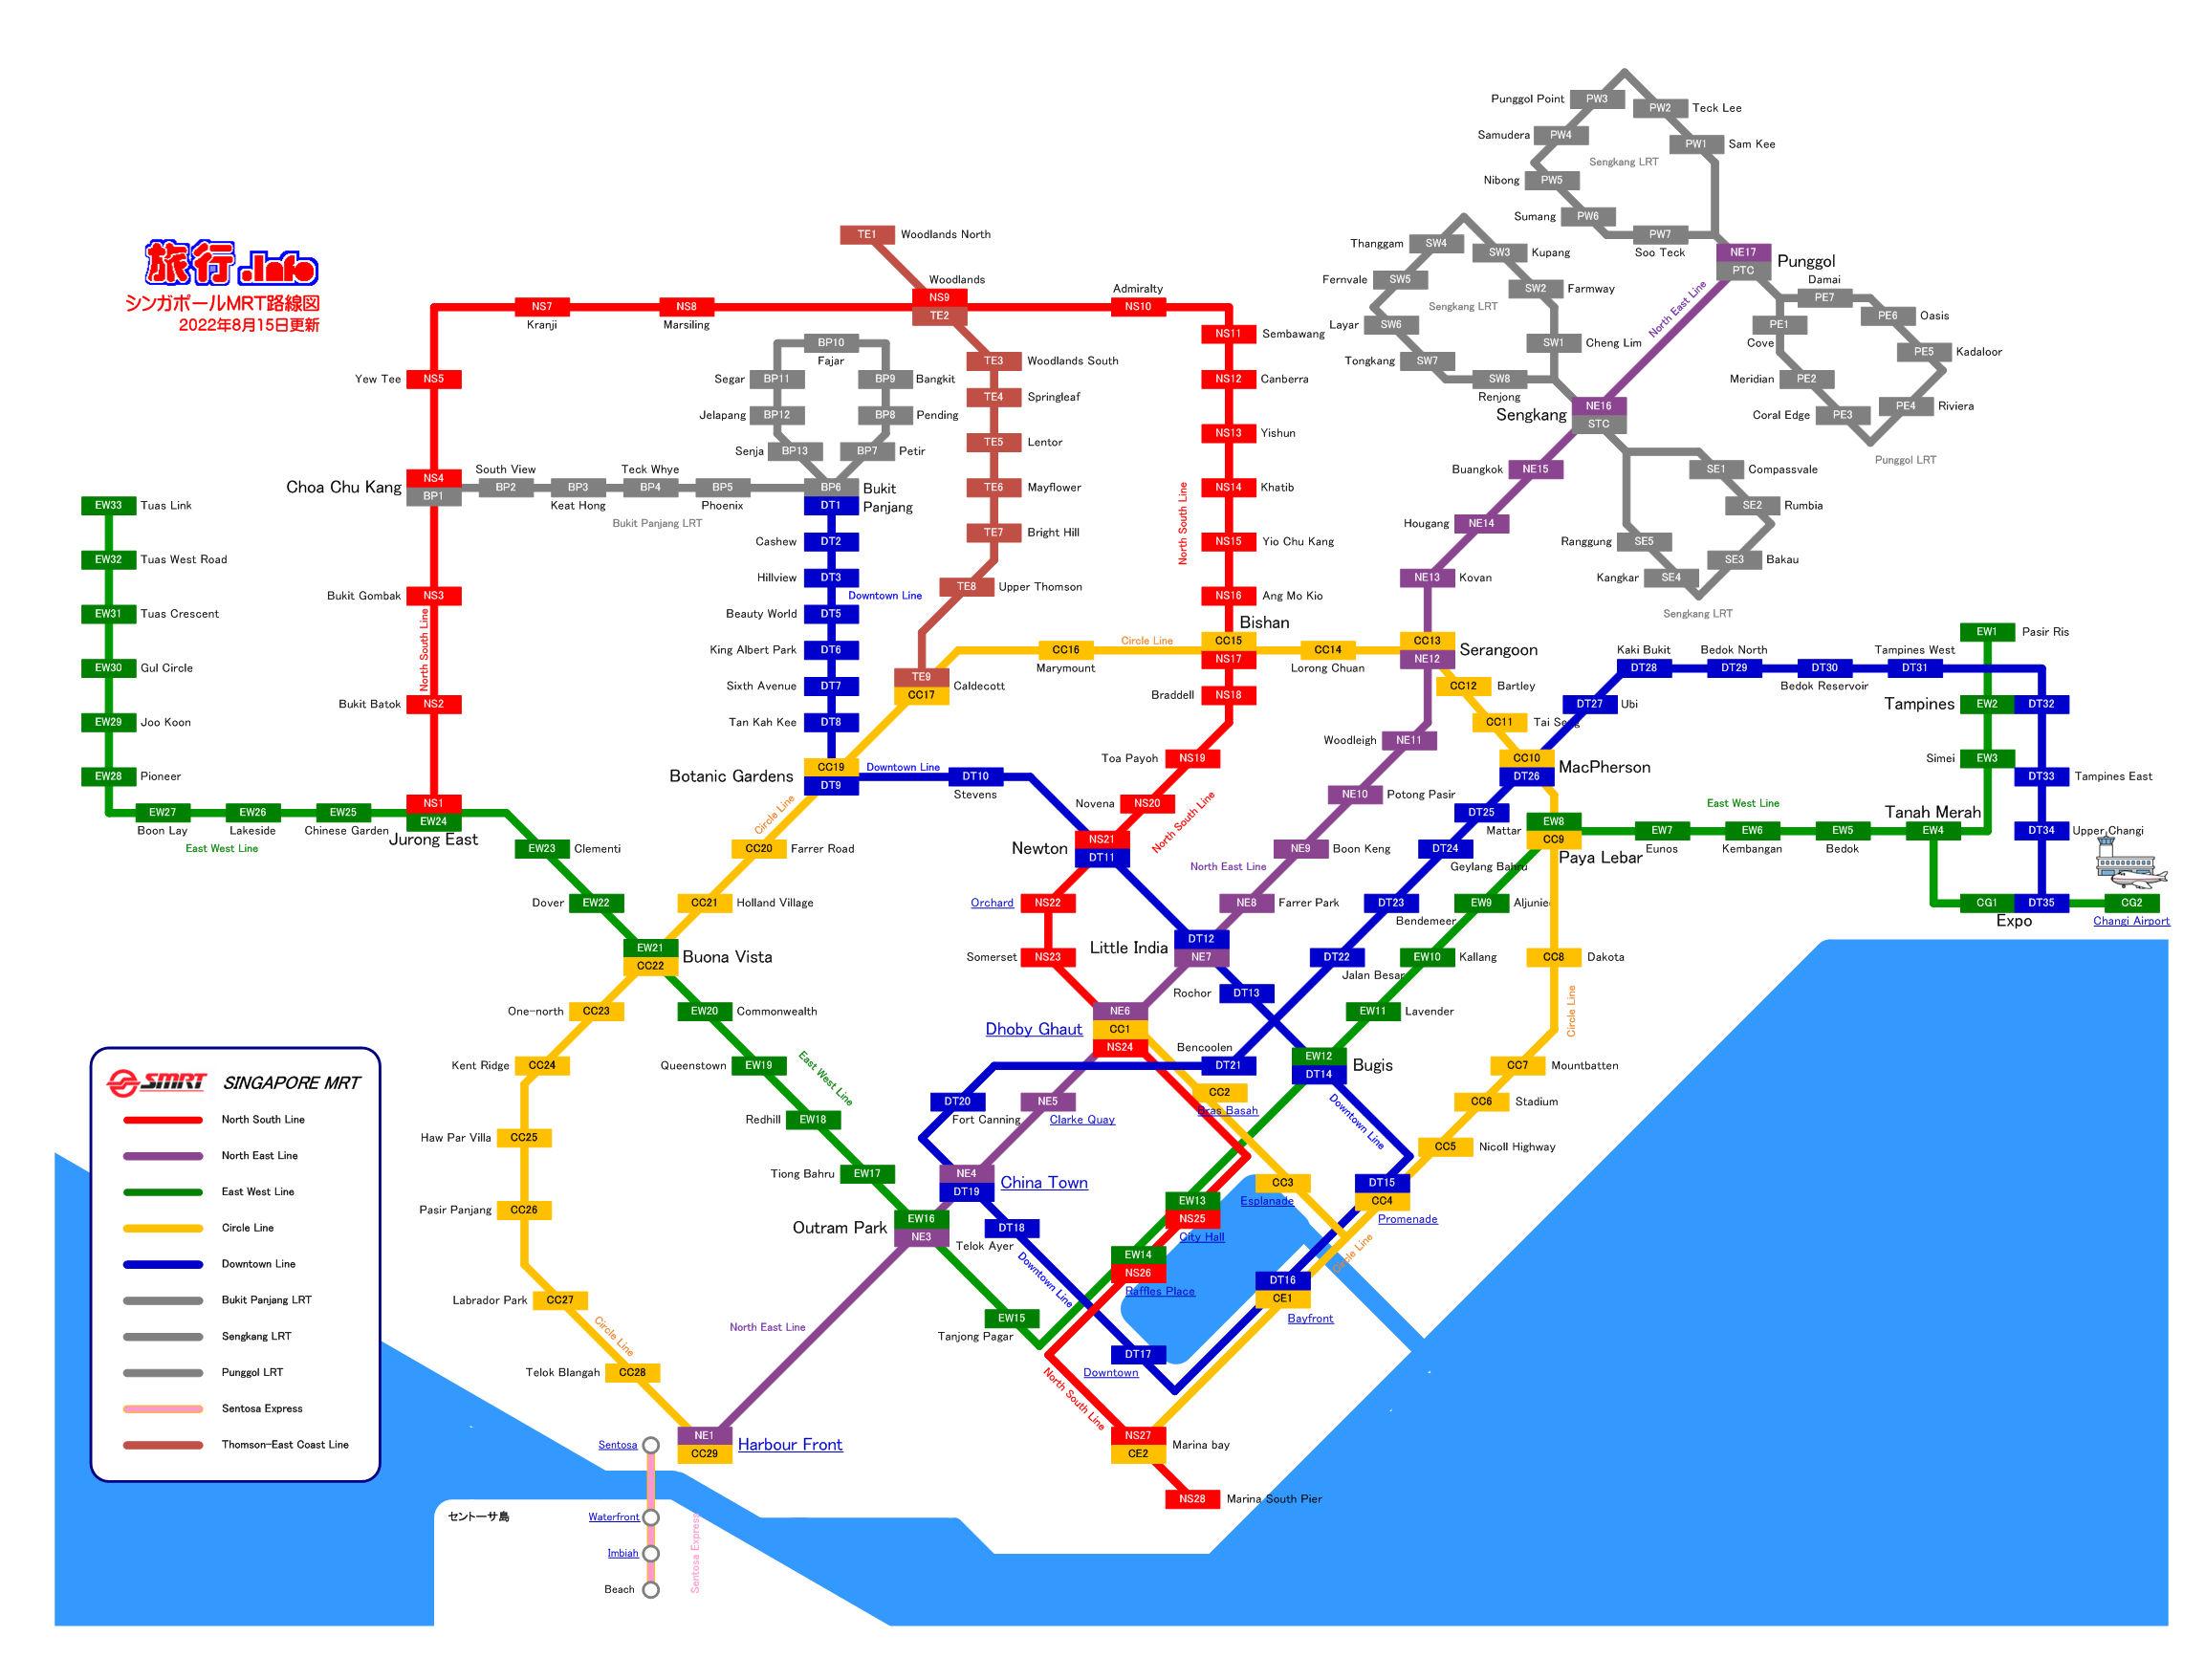 シンガポール mrt 路線図 2016 - Bing